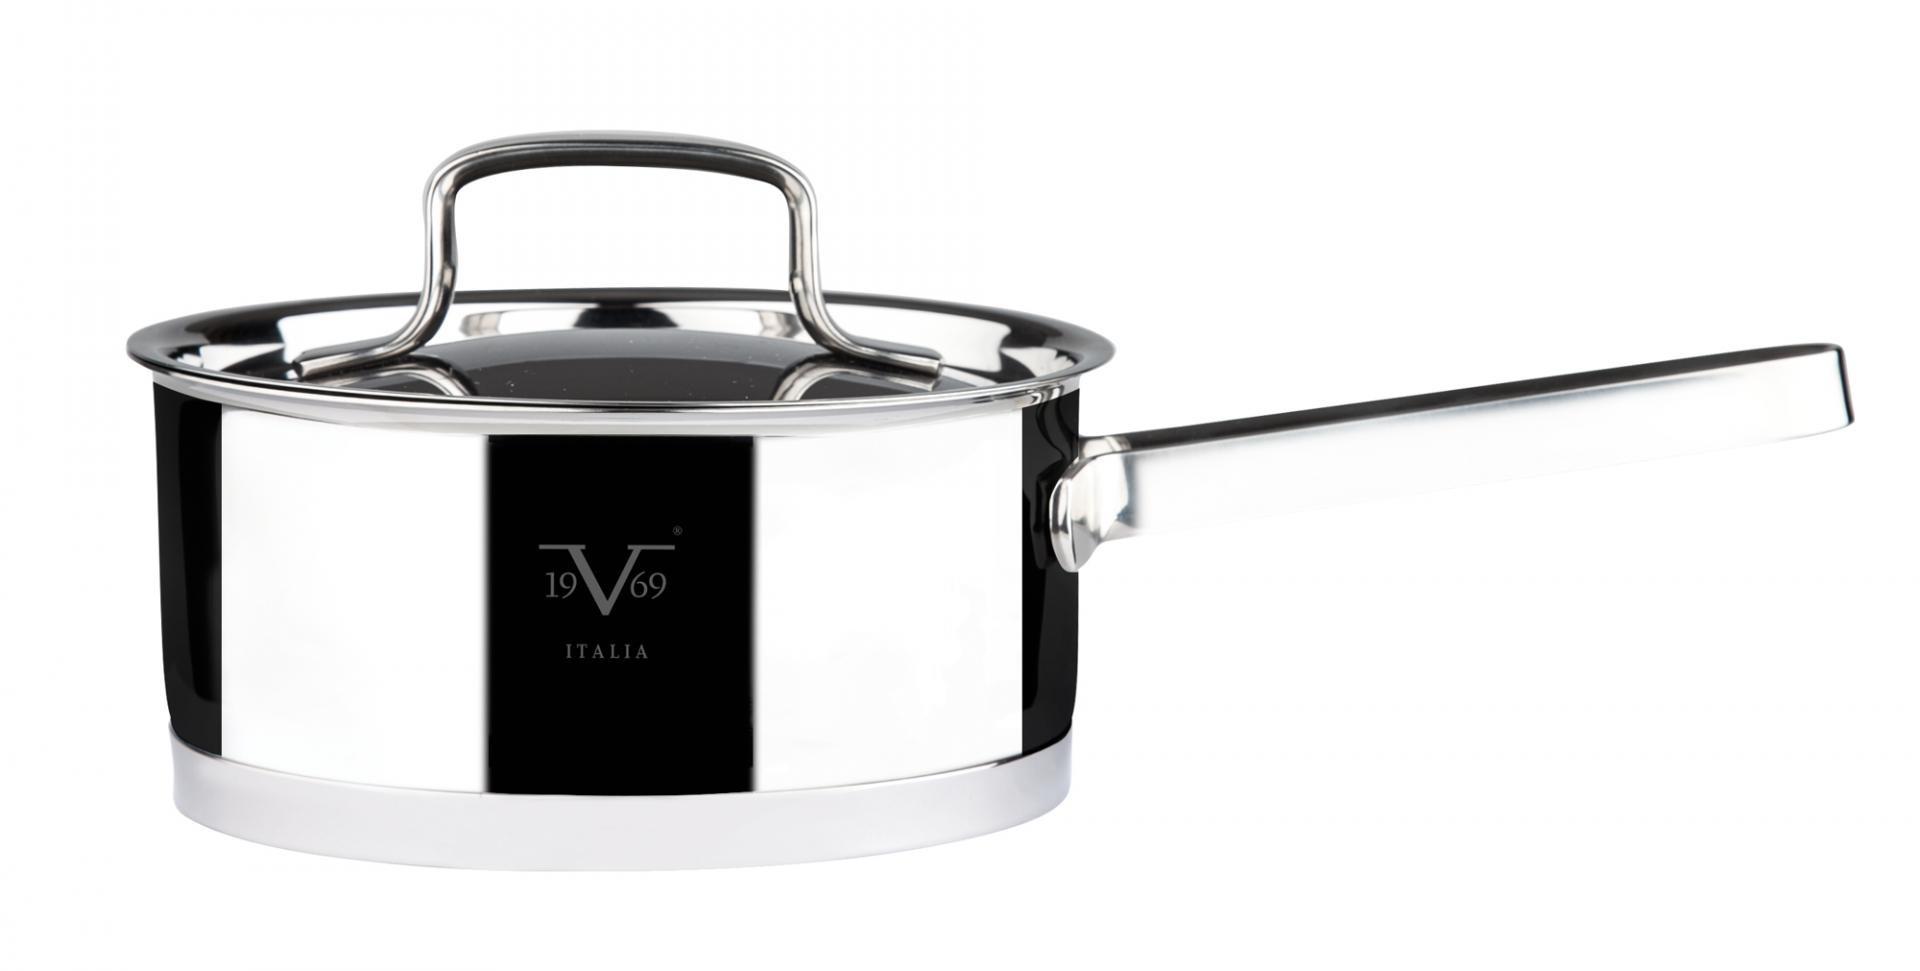 Κατσαρόλα Opera 16cm Versace 19V69 Italia home   σκευη μαγειρικης   κατσαρόλες χύτρες